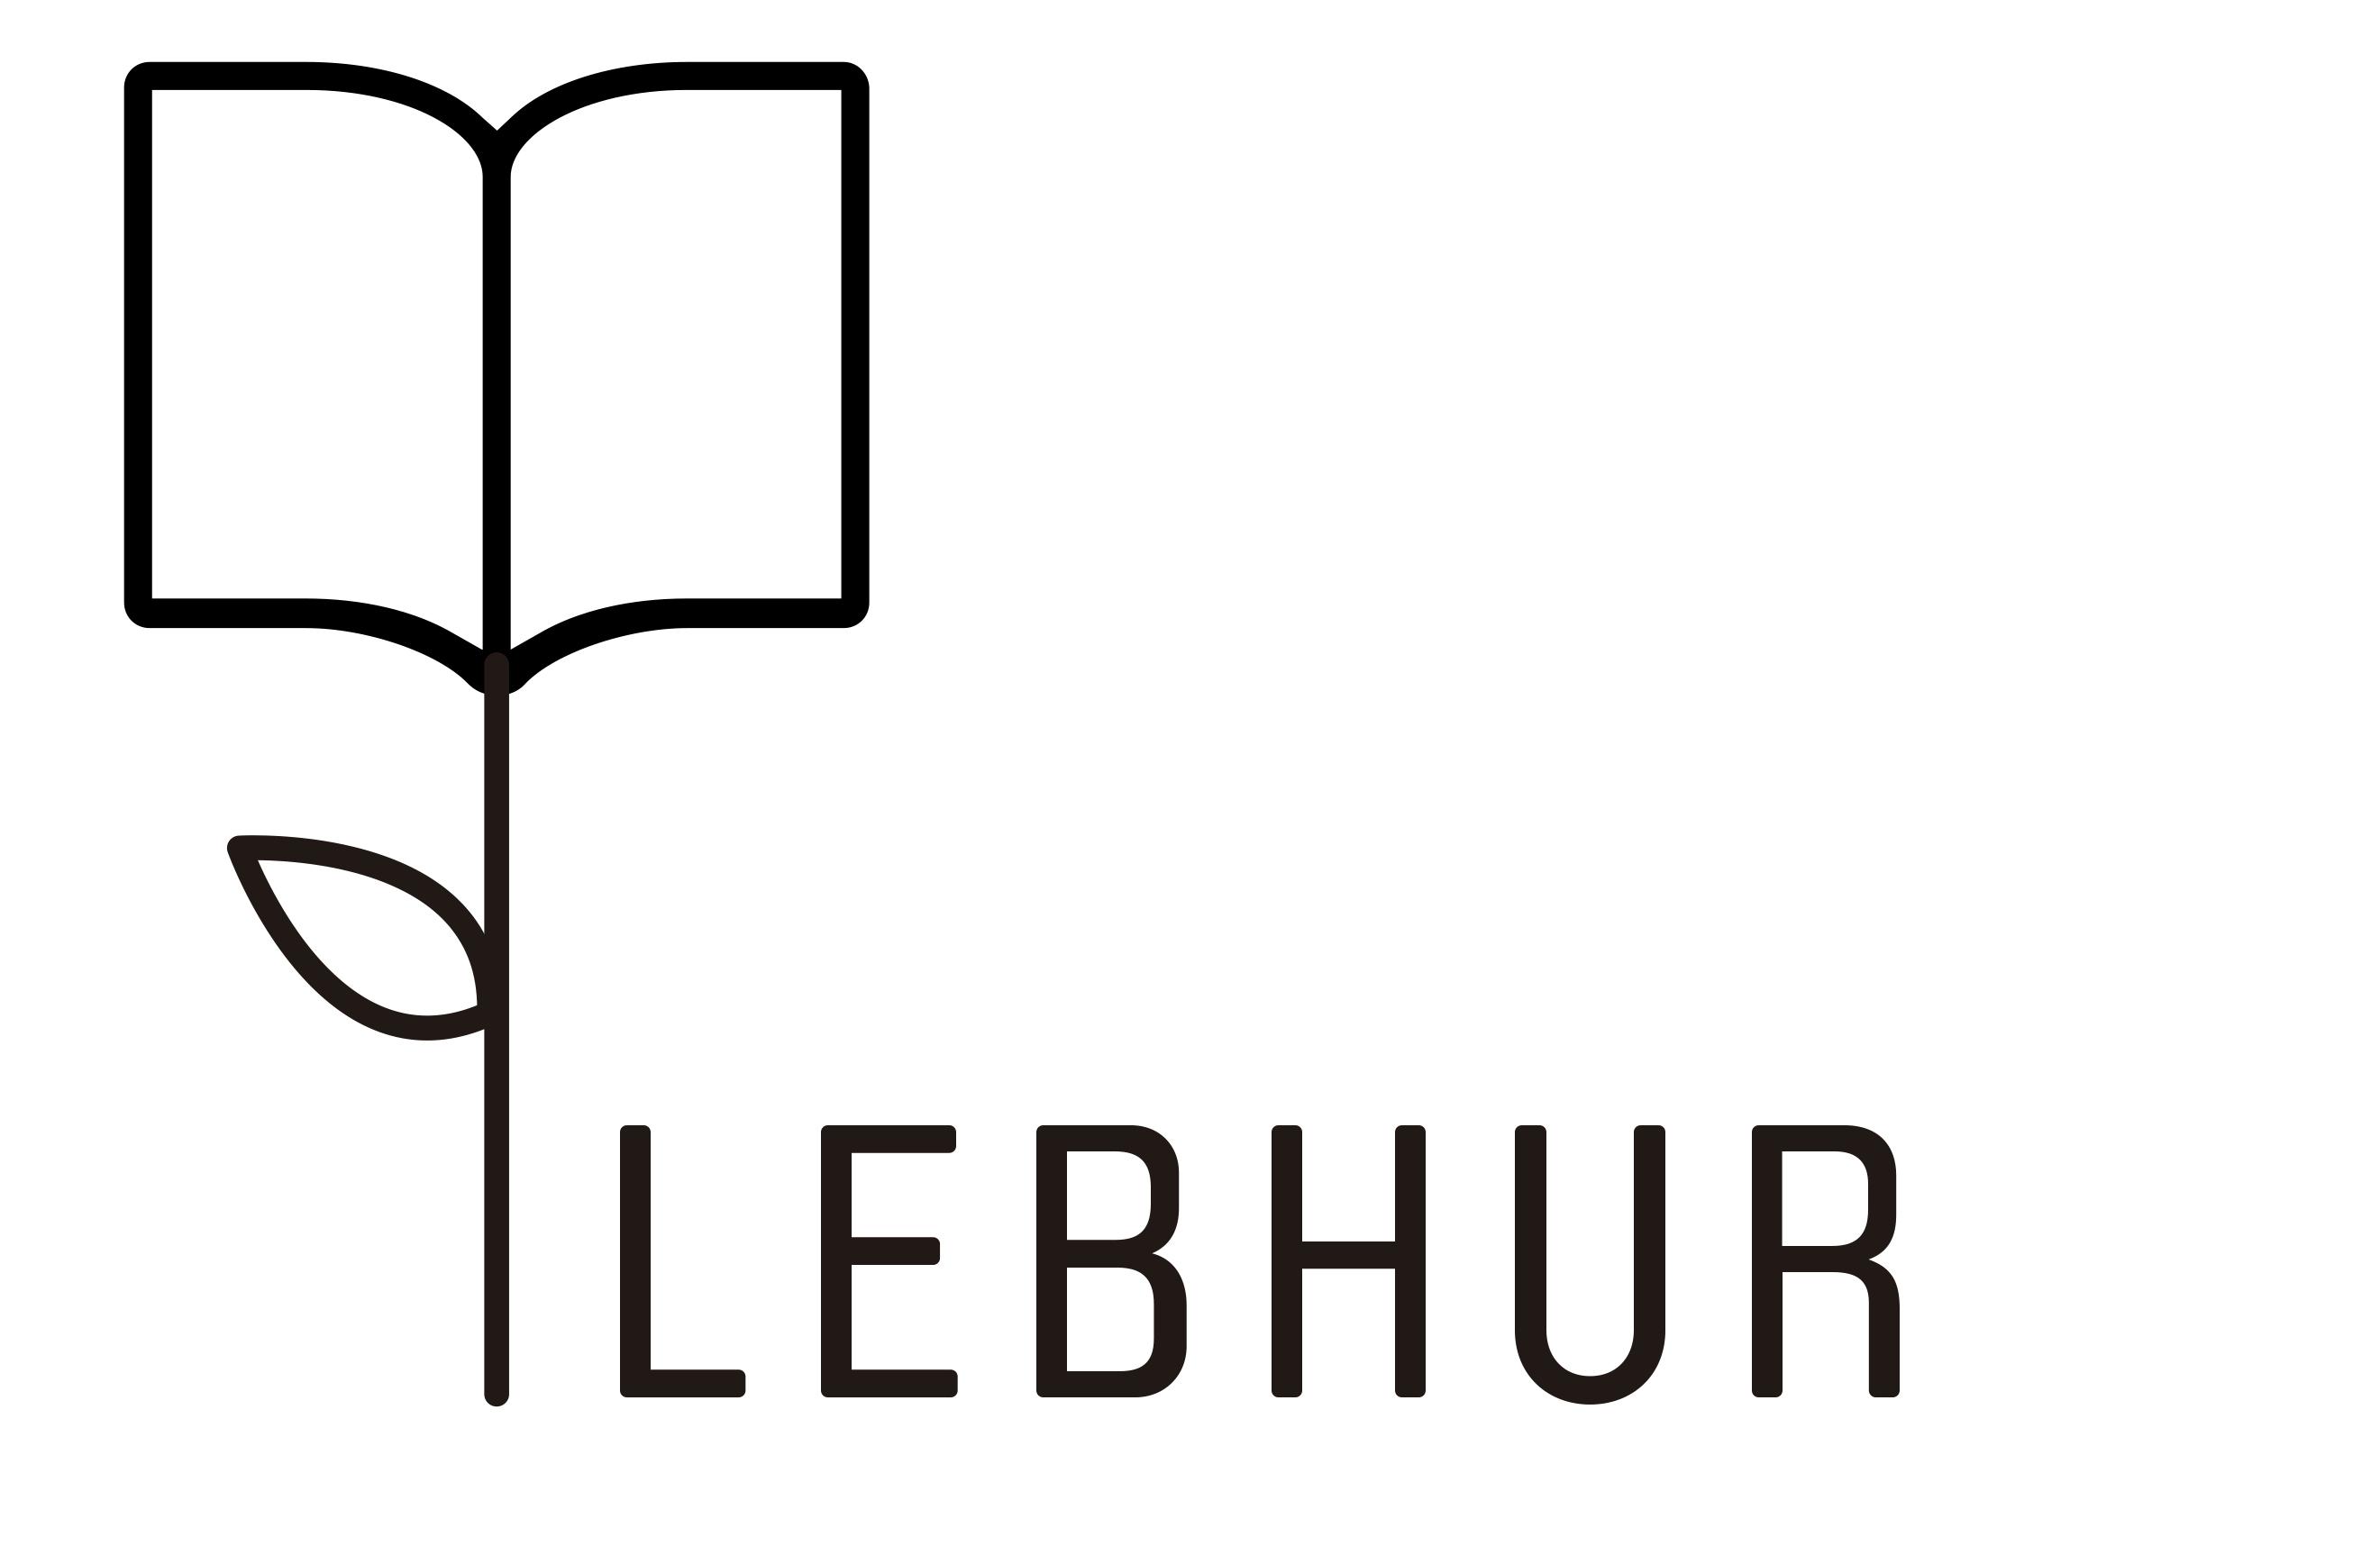 Lebhur